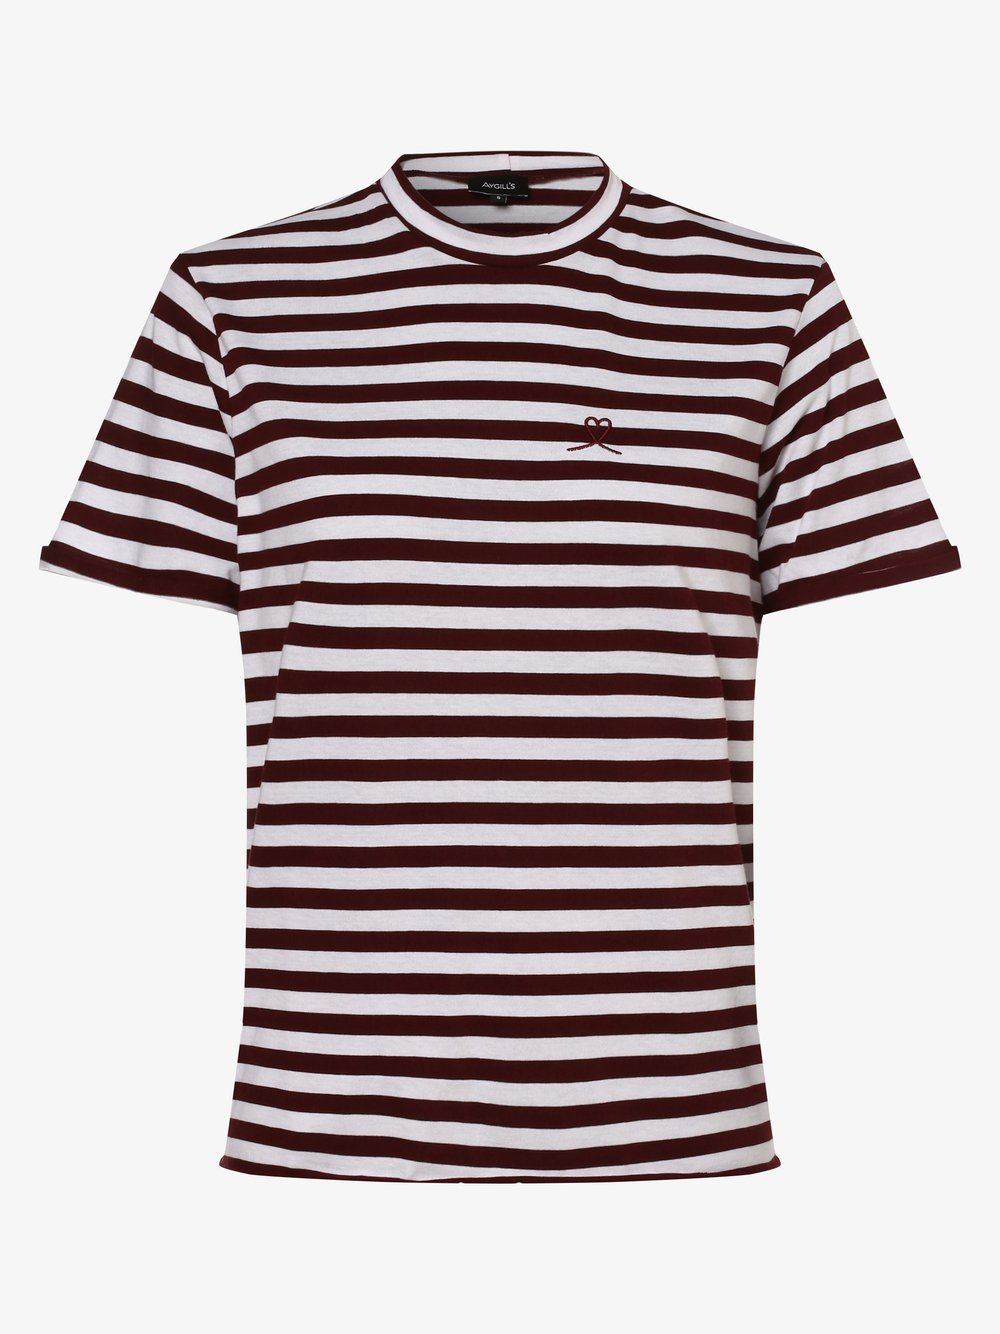 Aygill's - T-shirt damski, czerwony